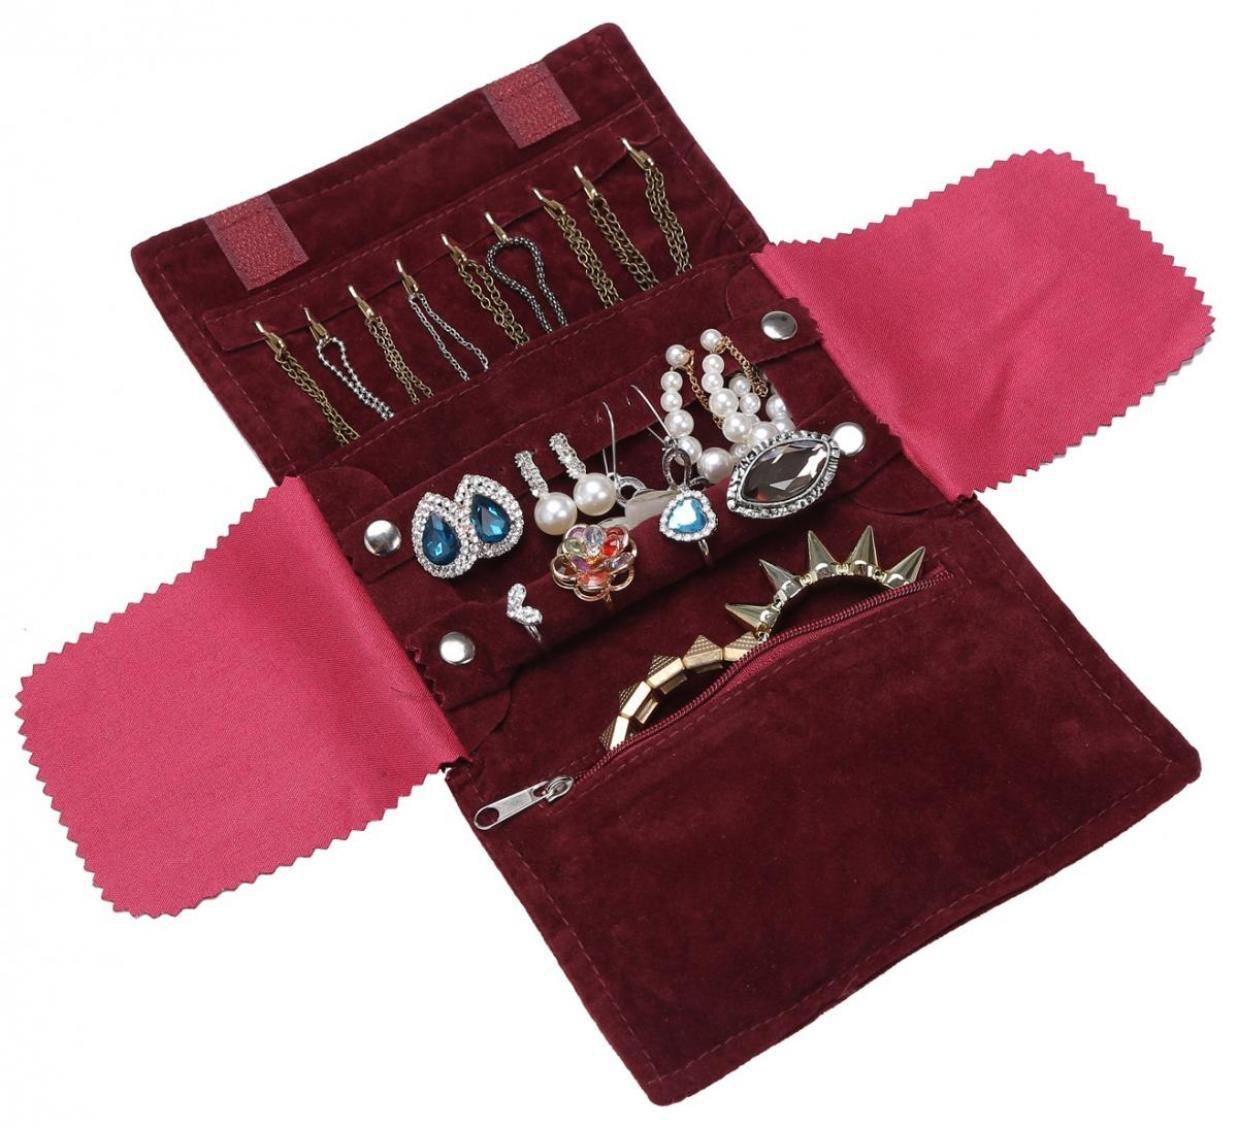 WODISON de lujo de la joyer/ía de terciopelo portable ruede para arriba la caja del organizador del bolso para el recorrido 2 piezas de vino tinto